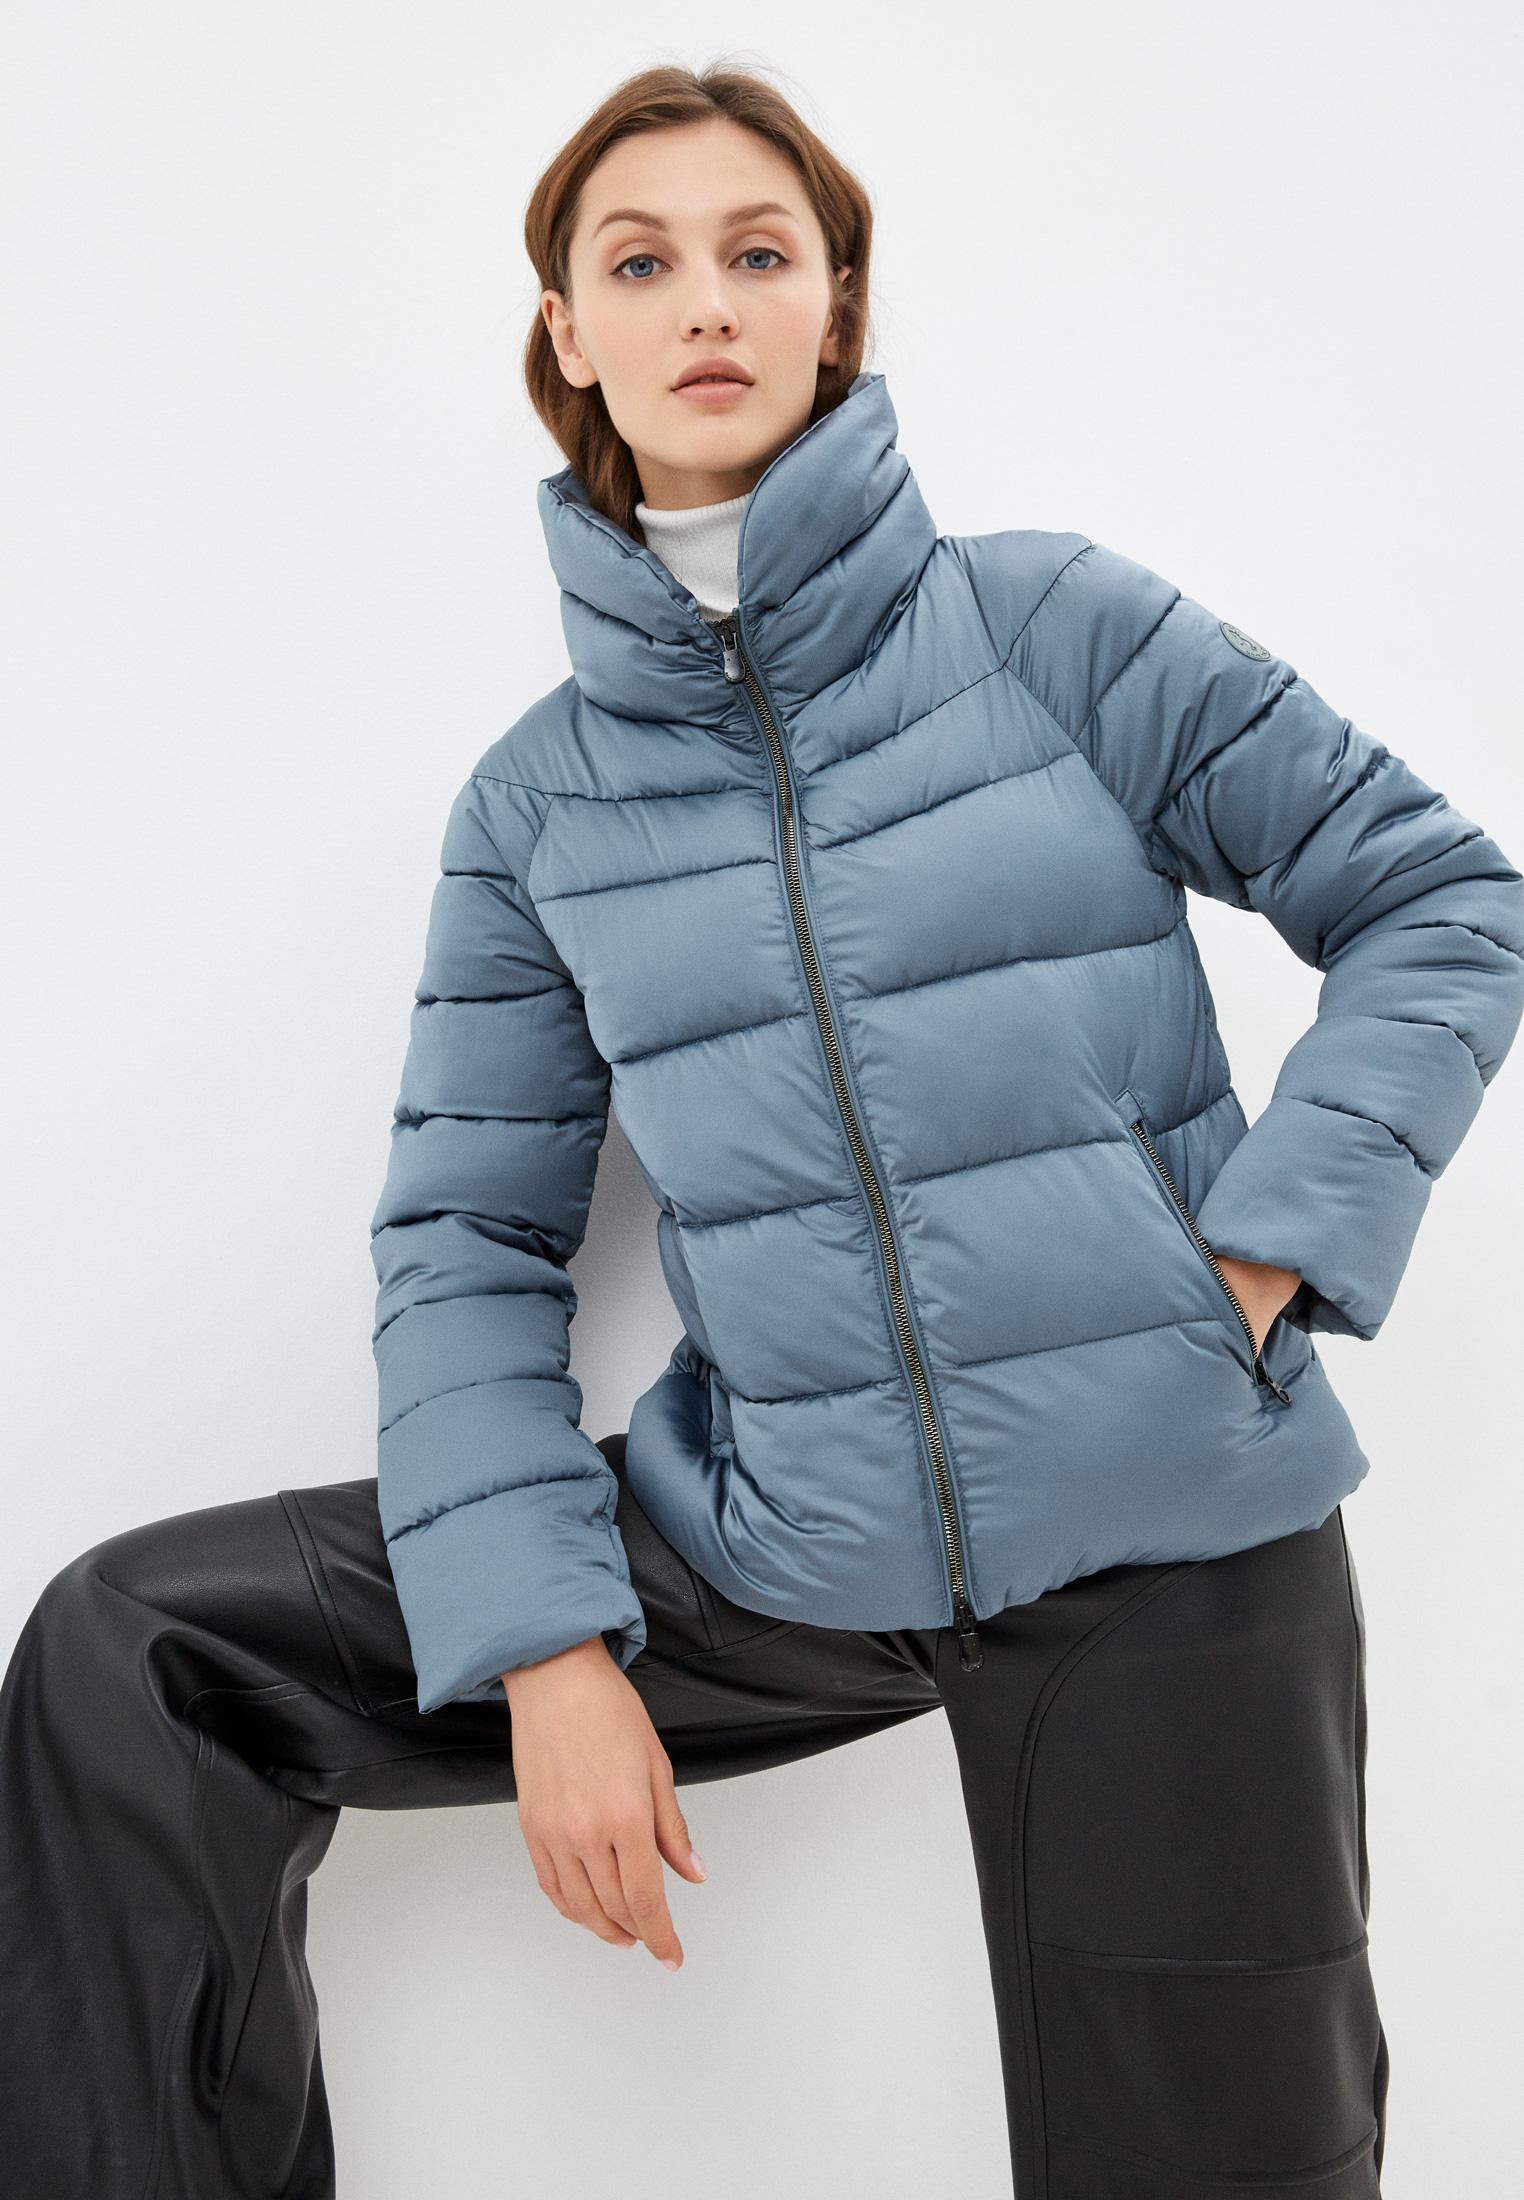 Утепленная куртка SAVE THE DUCK Куртка утепленная Save the Duck